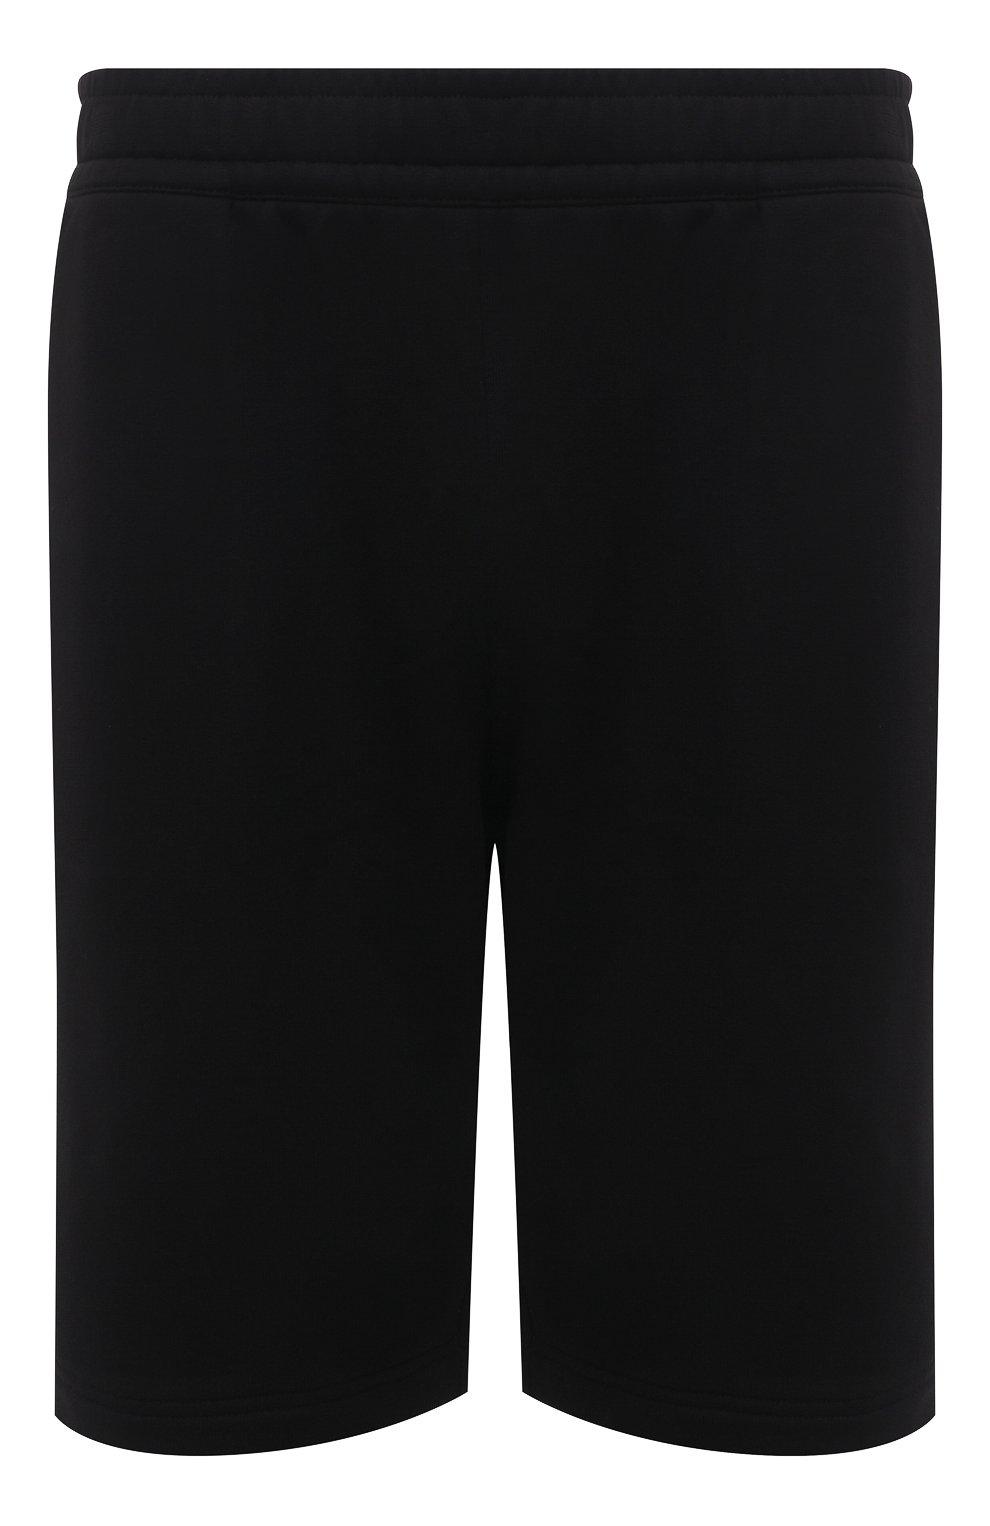 Мужские хлопковые шорты BURBERRY черного цвета, арт. 8043279 | Фото 1 (Длина Шорты М: Ниже колена; Принт: С принтом; Кросс-КТ: Трикотаж; Материал внешний: Хлопок; Стили: Спорт-шик)